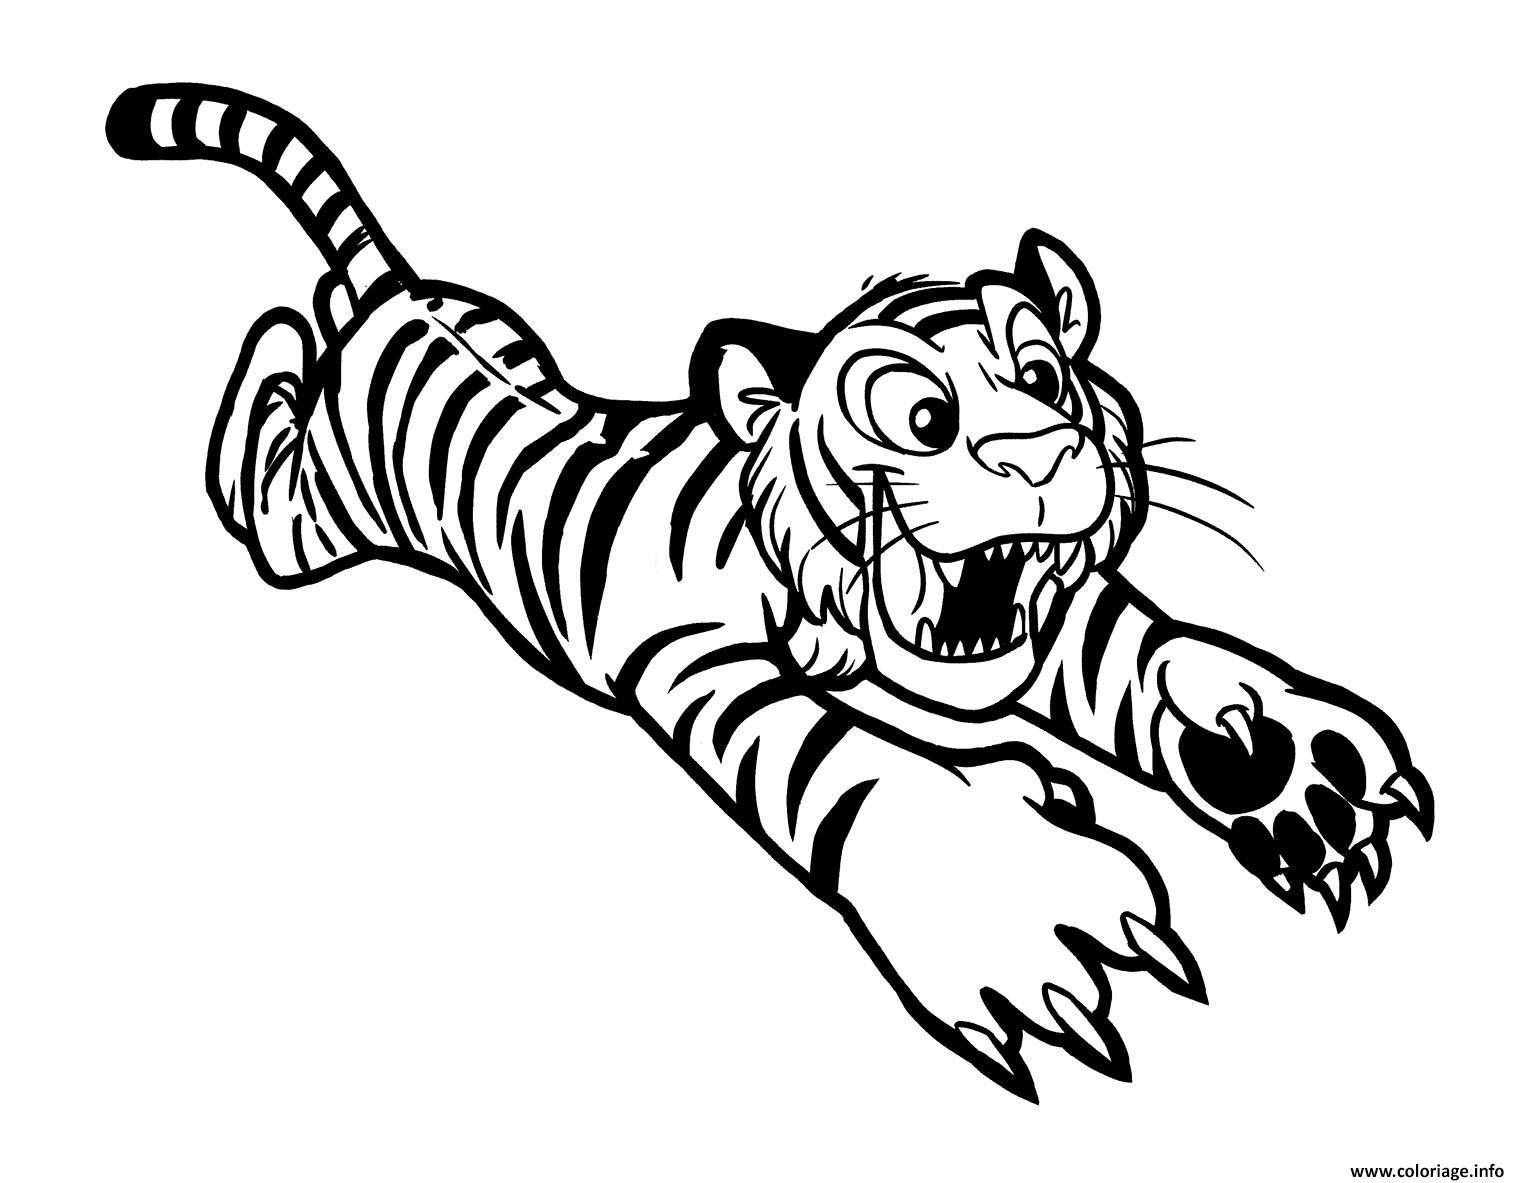 Dessin tigre en plein action pour attraper sa proie Coloriage Gratuit à Imprimer